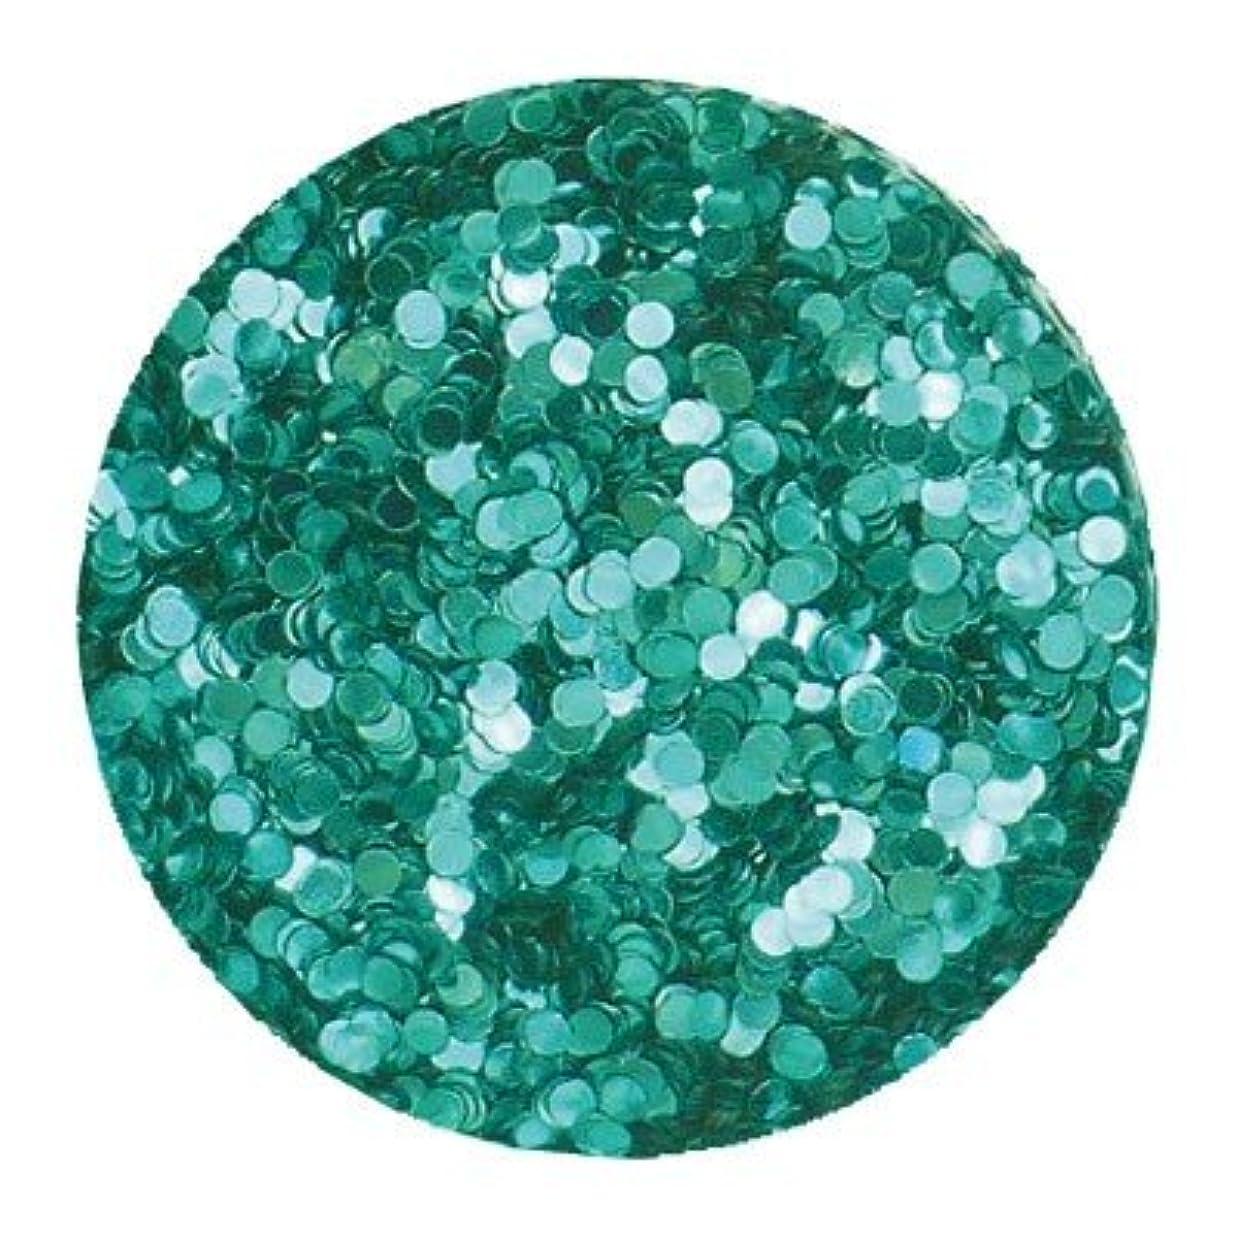 ユーモラスエコー樫の木エリコネイルメタリックブルーグリーン1mm